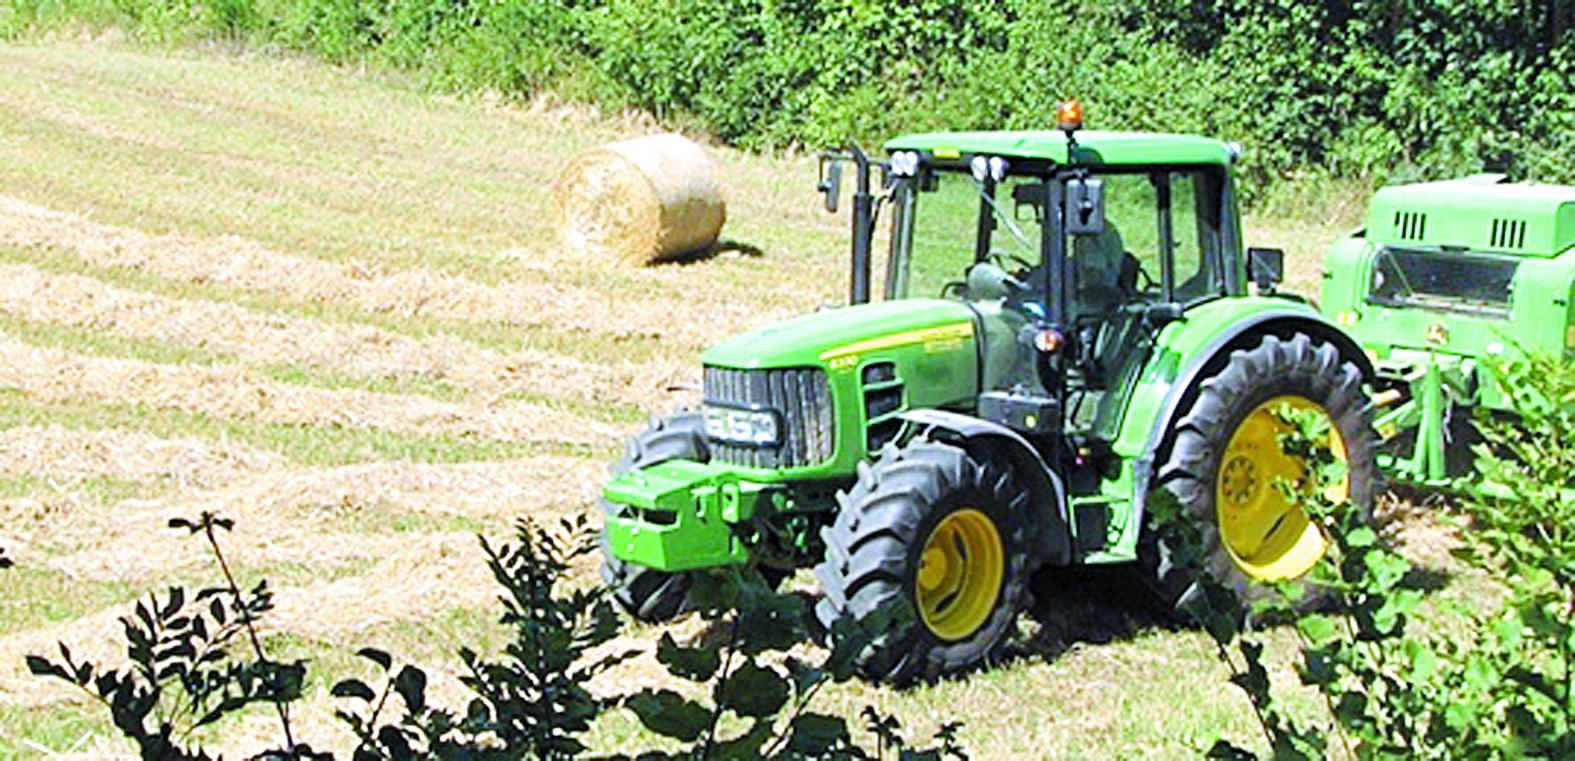 201 conflits collectifs de travail dans le secteur agricole